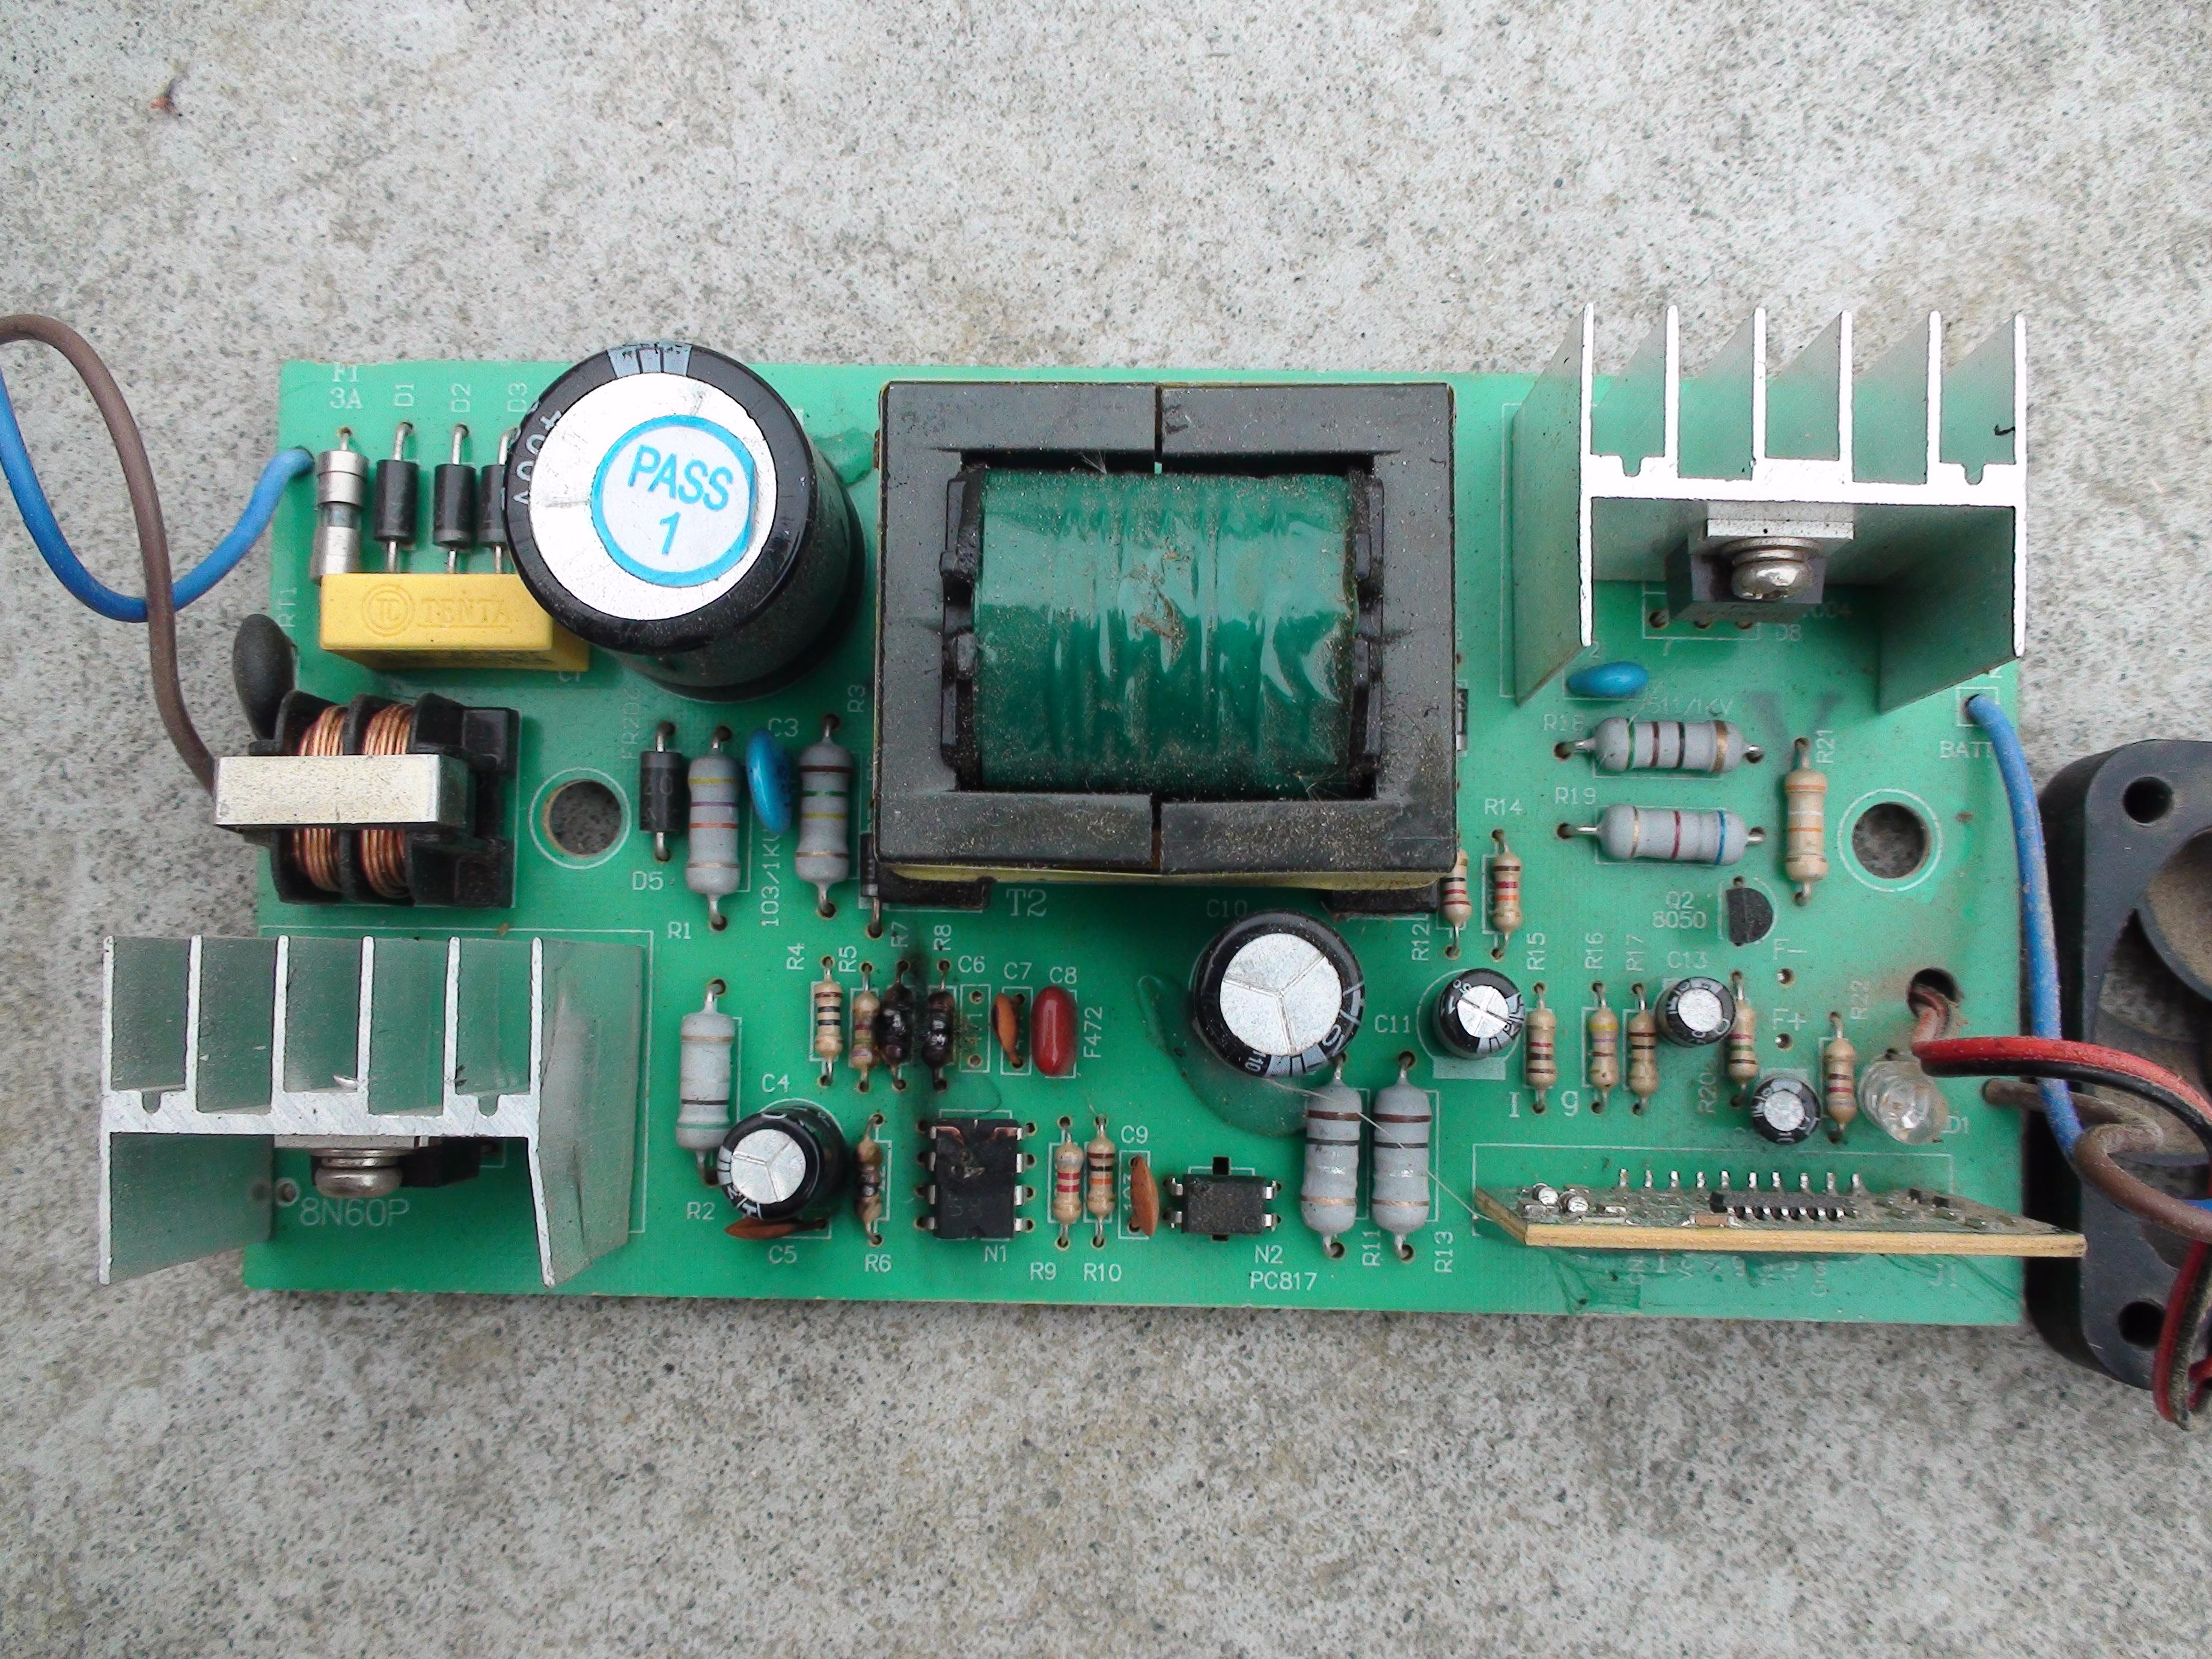 一电瓶车48v充电器一集成块和几个电阻烧黑看不出型号图片